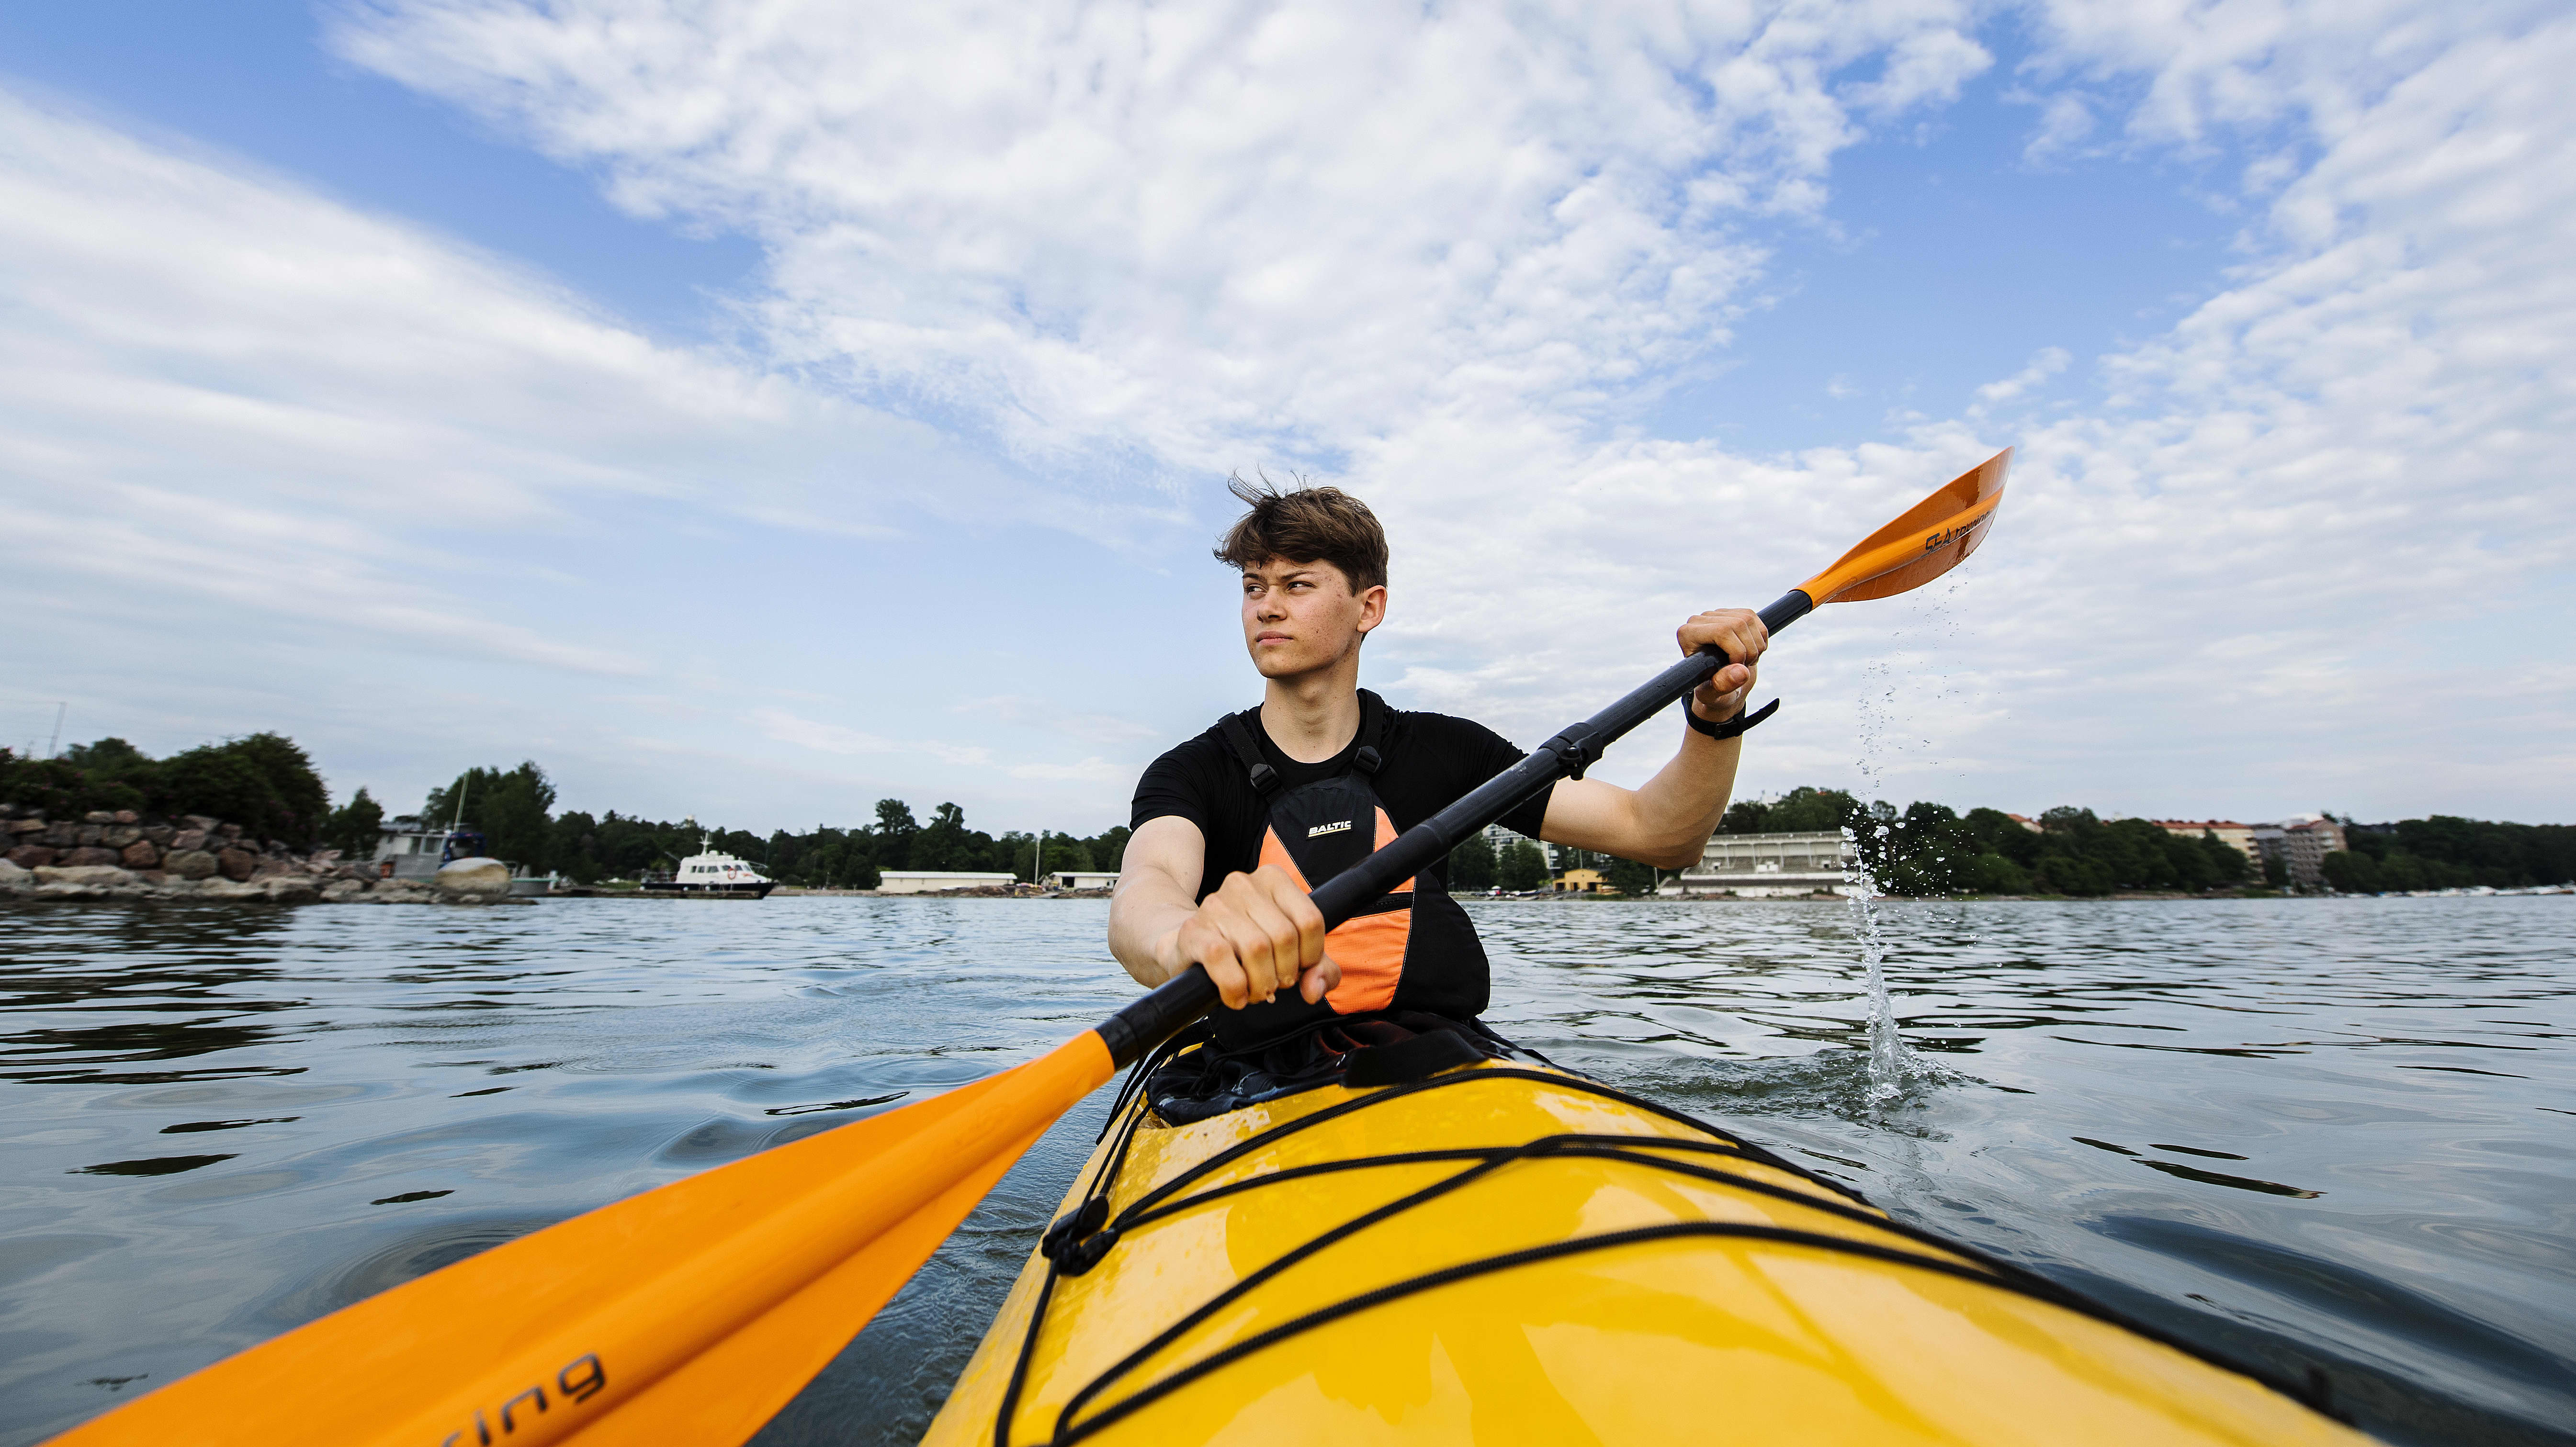 Kuvassa kajakilla liikkuu ammattikoululainen Ville Vainio. Vainion valmistuminen venyi koronaviruksen vuoksi. Vainio kuvattiin merellä Helsingin edustalla kesäkuussa 2020.